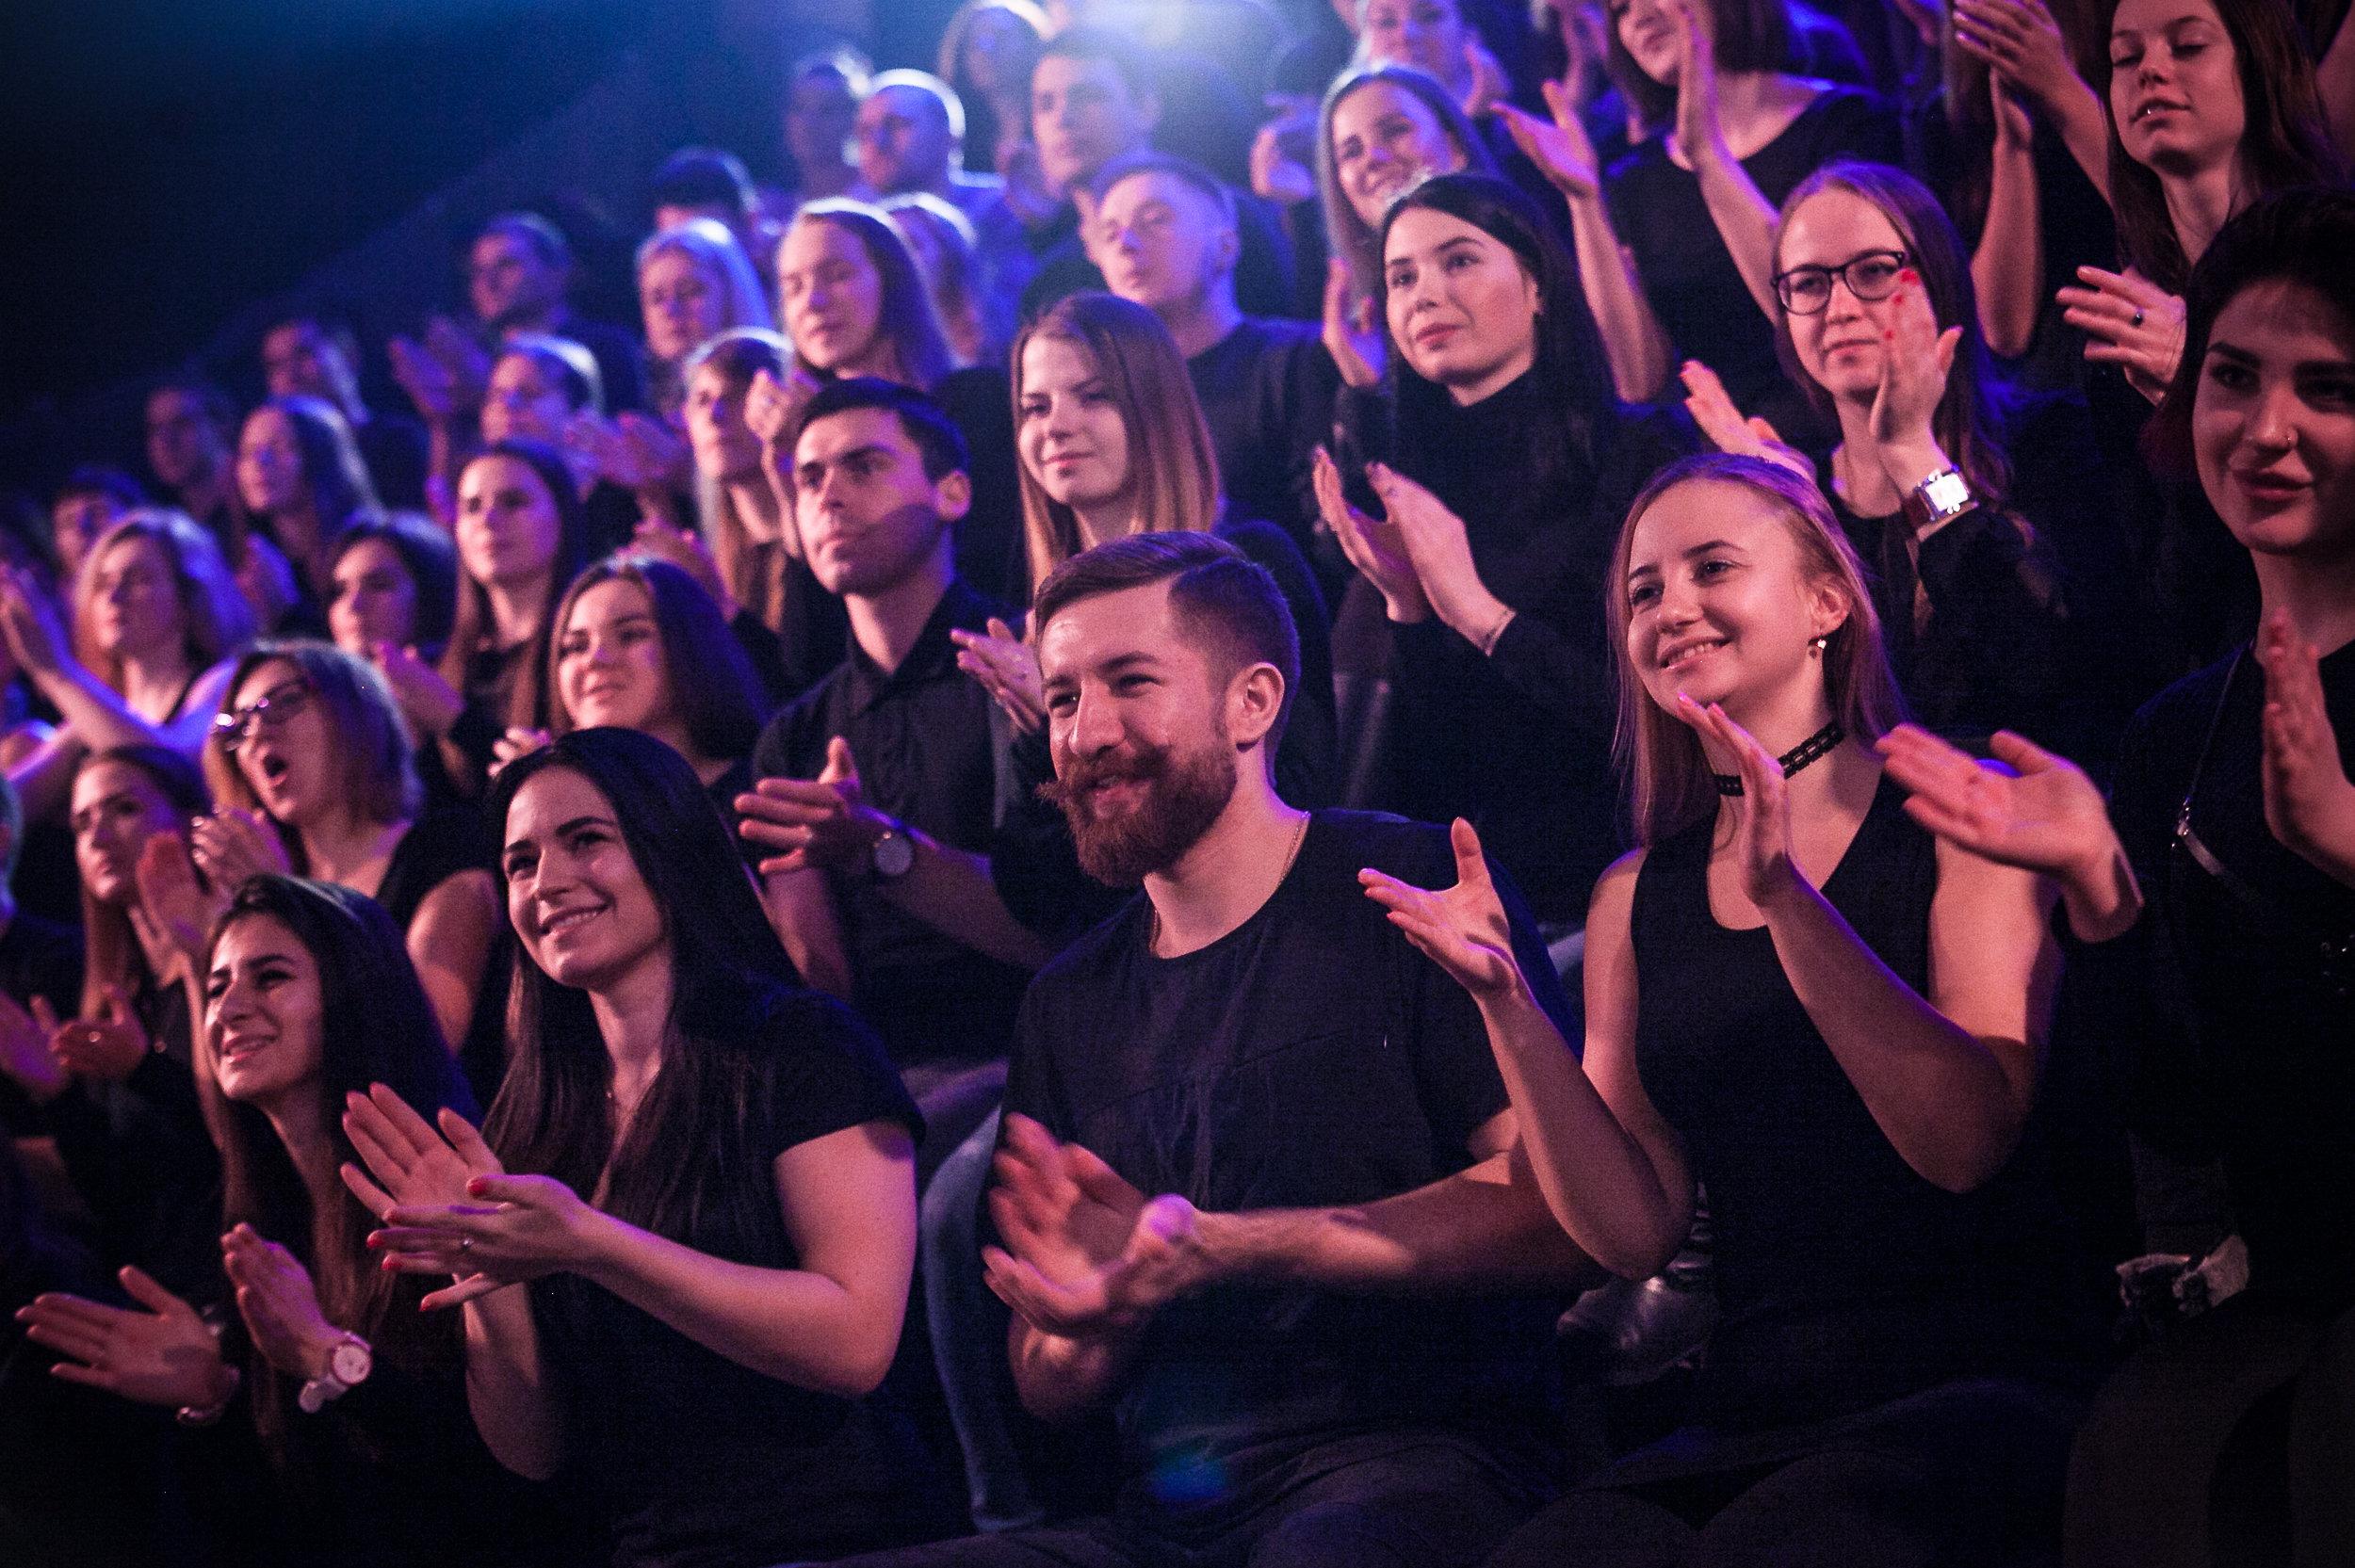 Зрители на съемках шоу Однажды в России соблюдают дресс-код